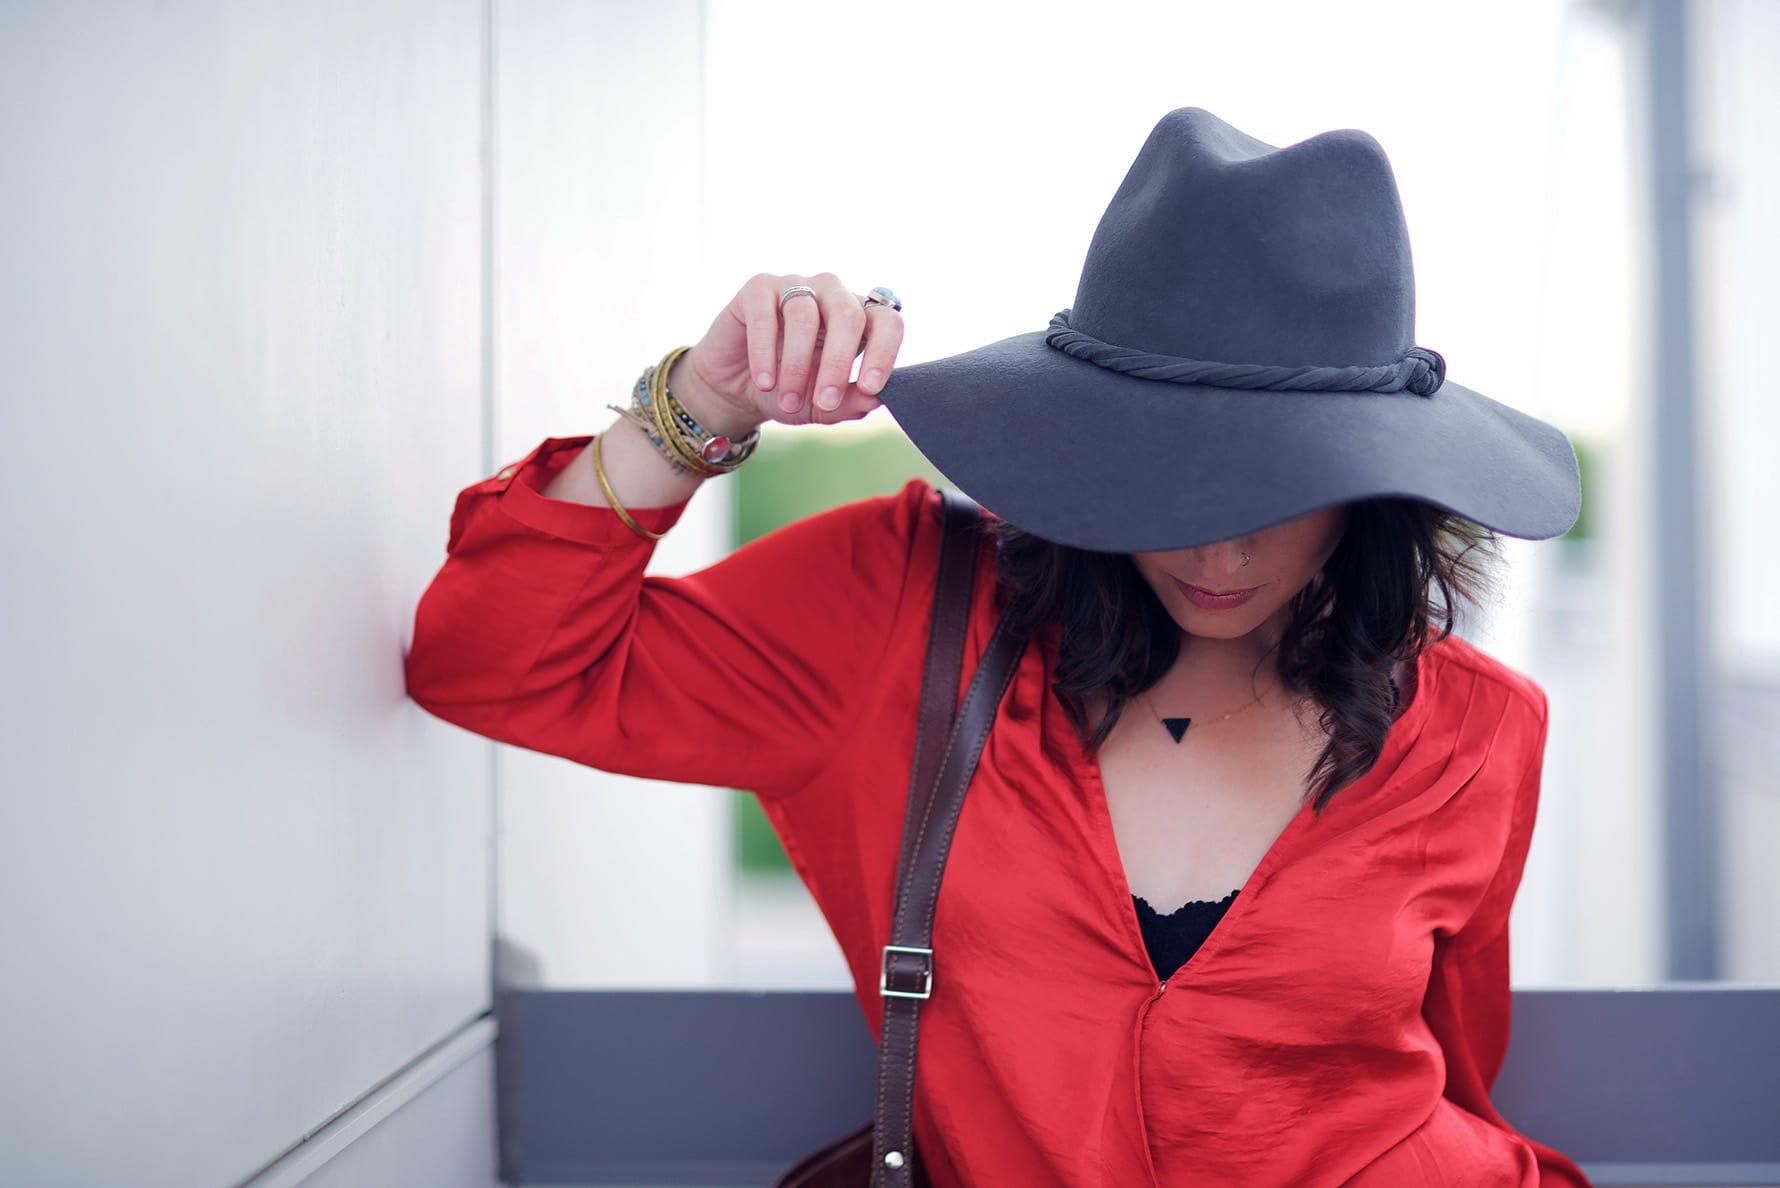 očarljiv klobuk na terasi